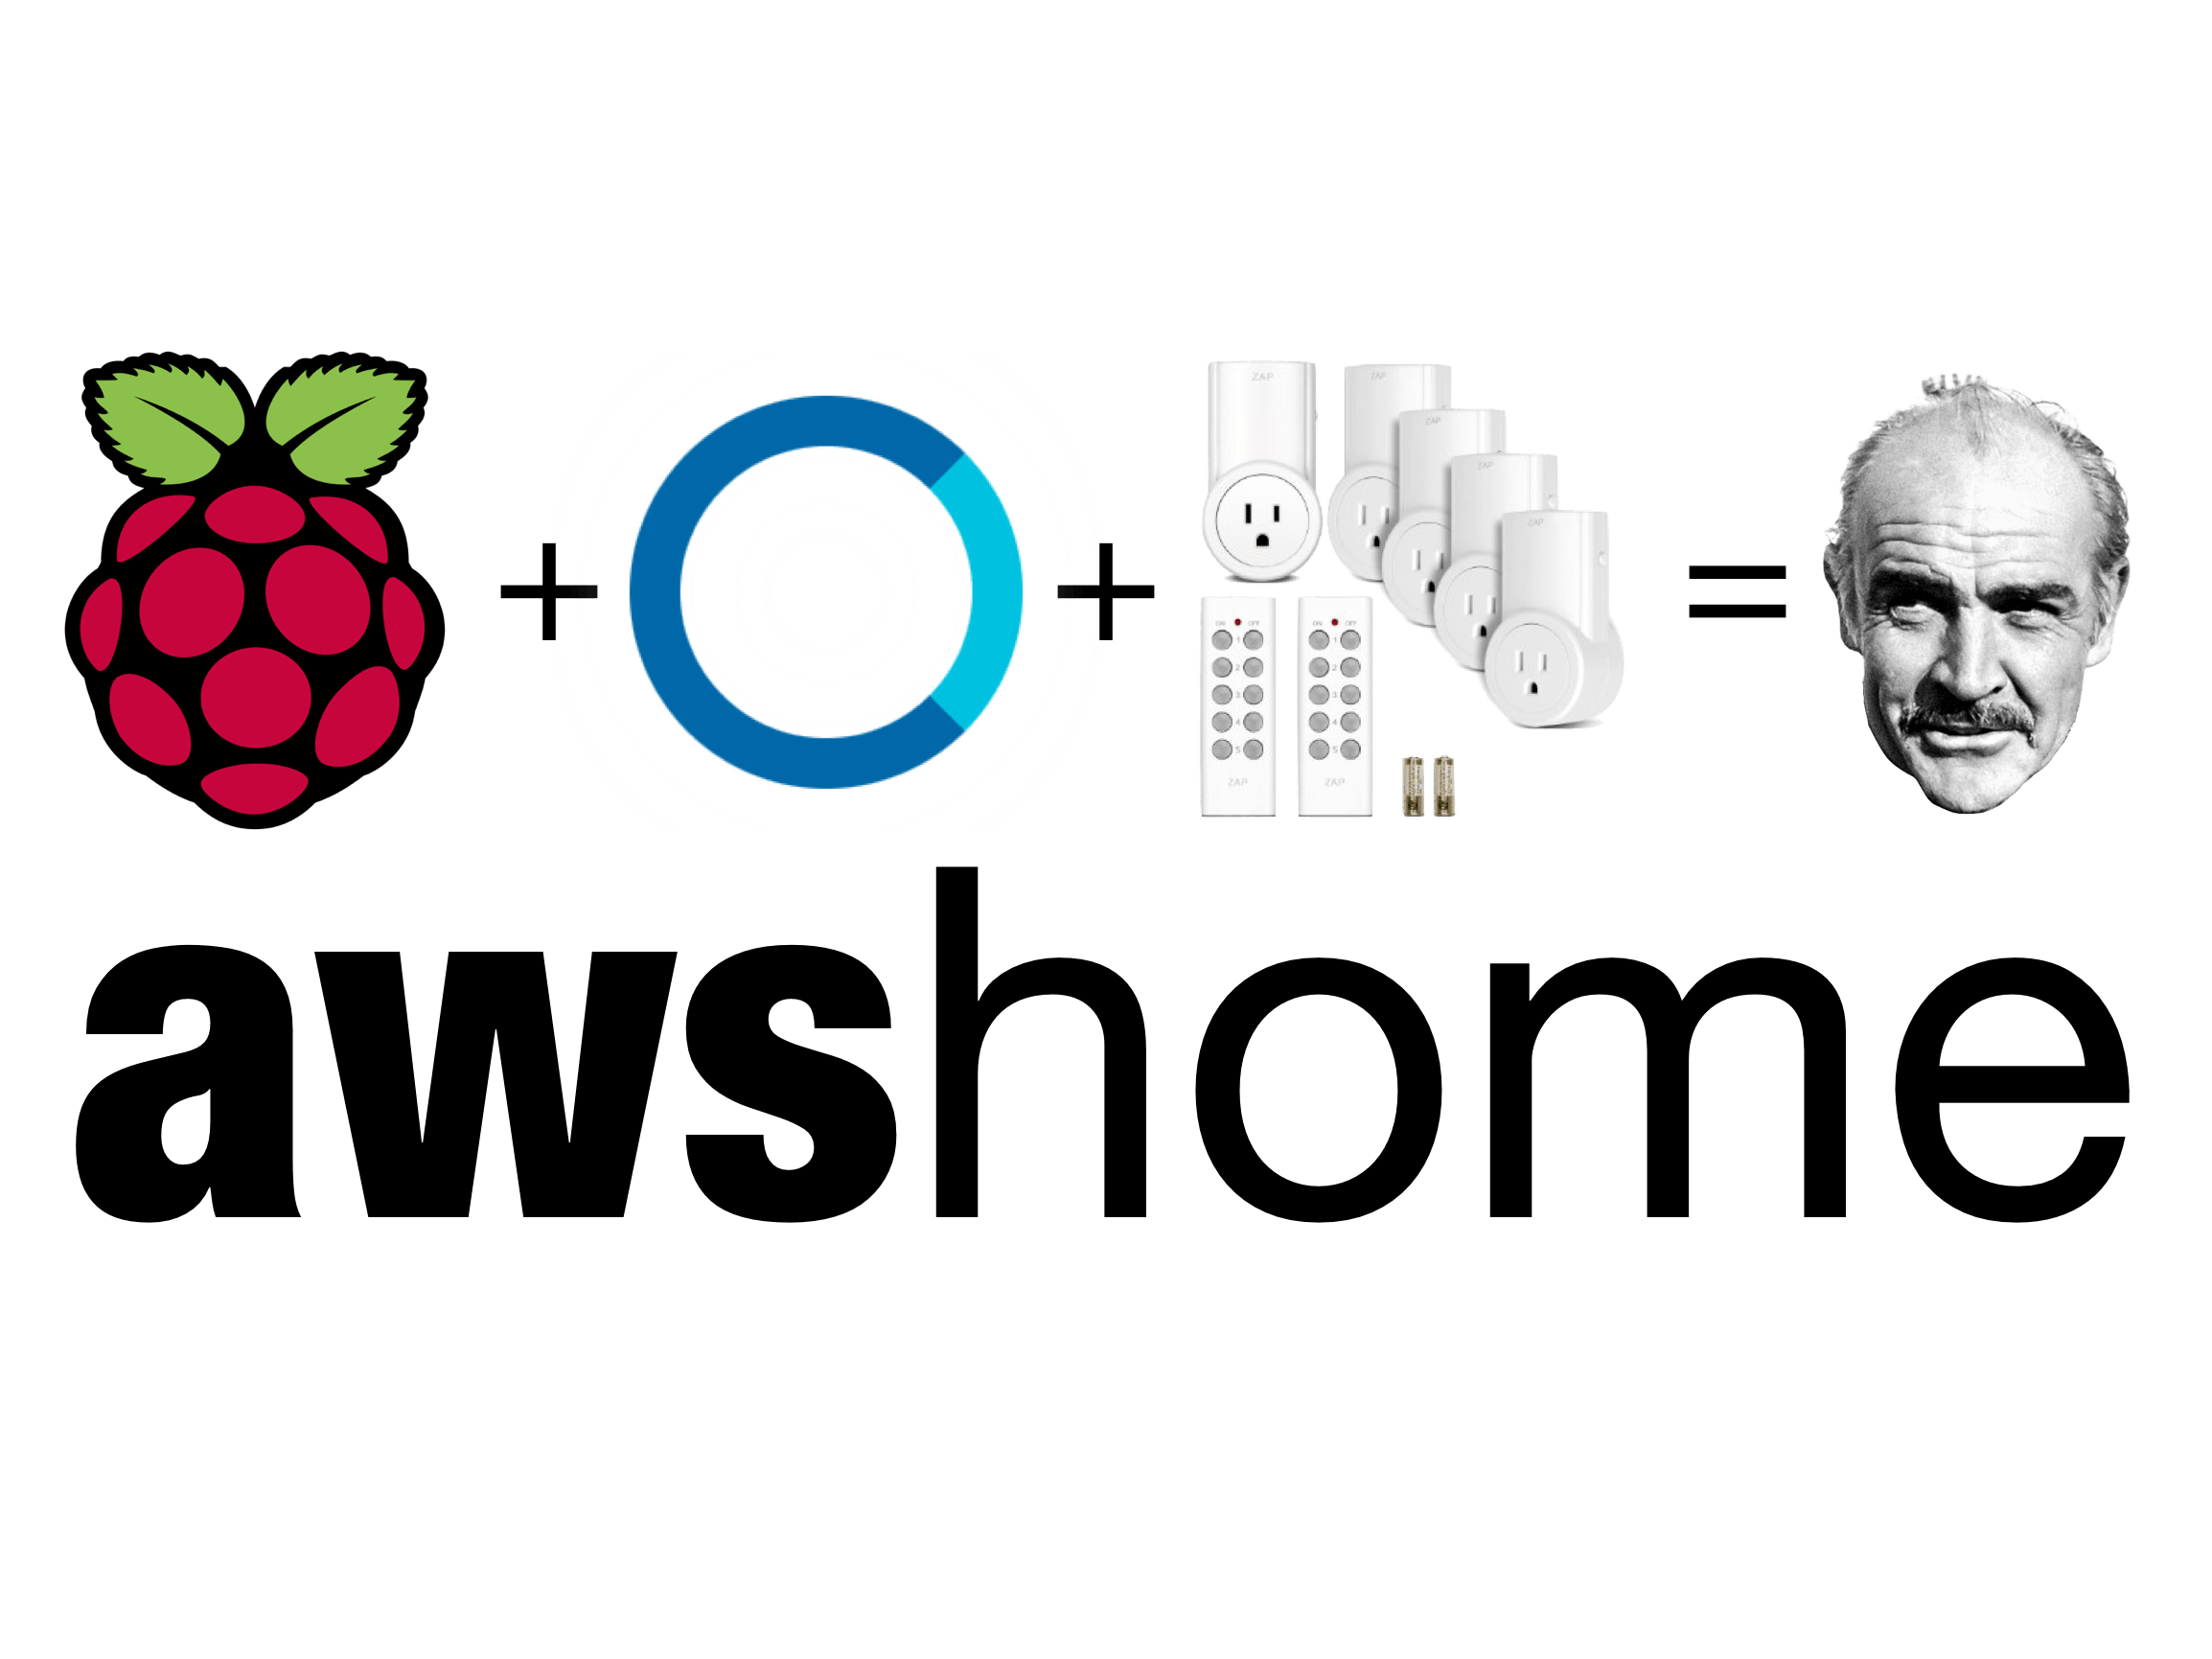 AWShome - Home Automation Using RPi + Alexa + IoT